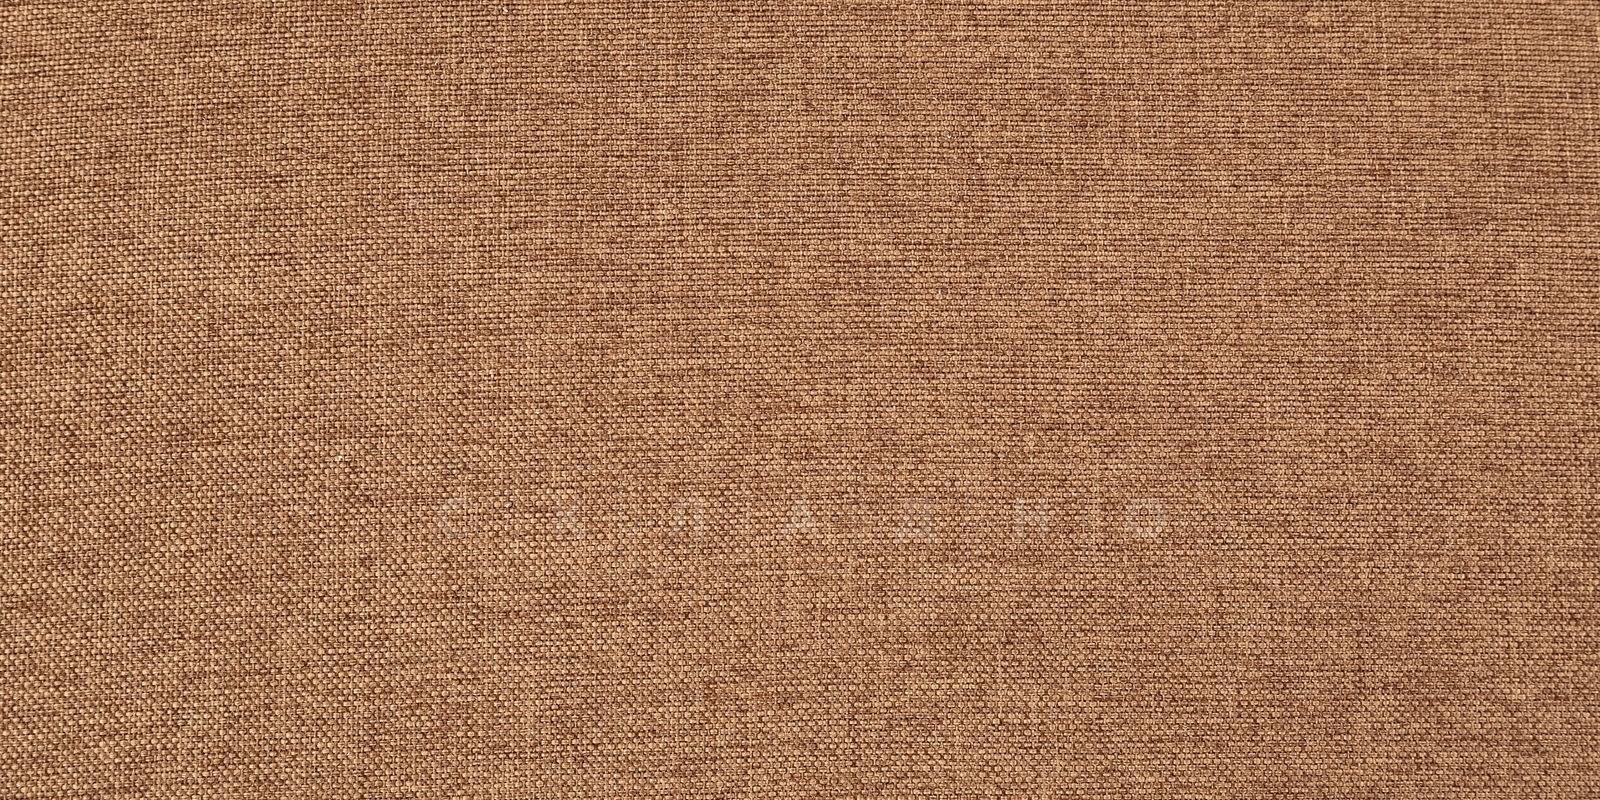 Диван Флэтфорд рогожка коричневый цвет фото 9 | интернет-магазин Складно